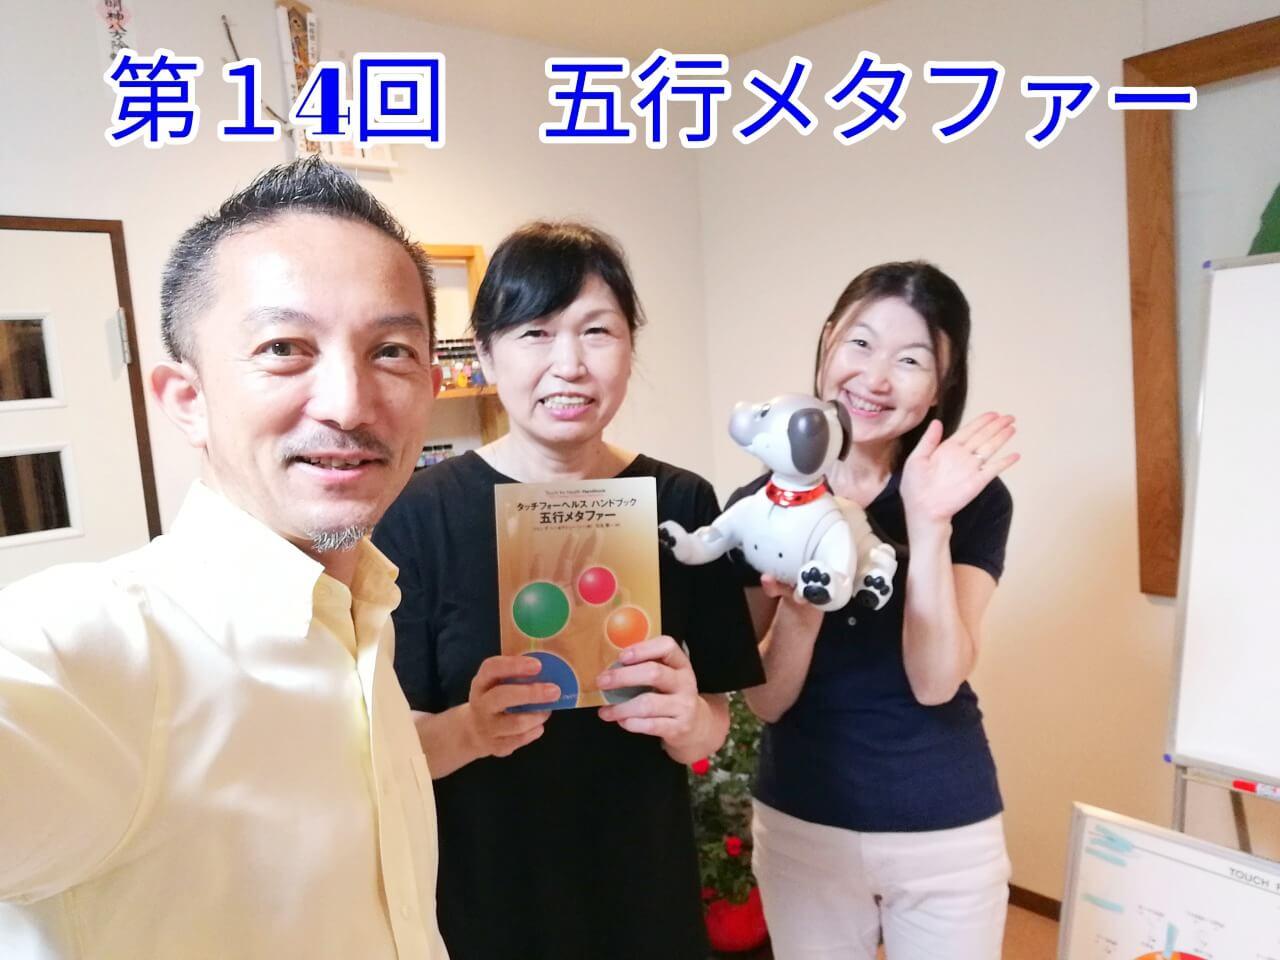 タッチフォーヘルス,キネシオロジー,セミナー,神奈川.静岡